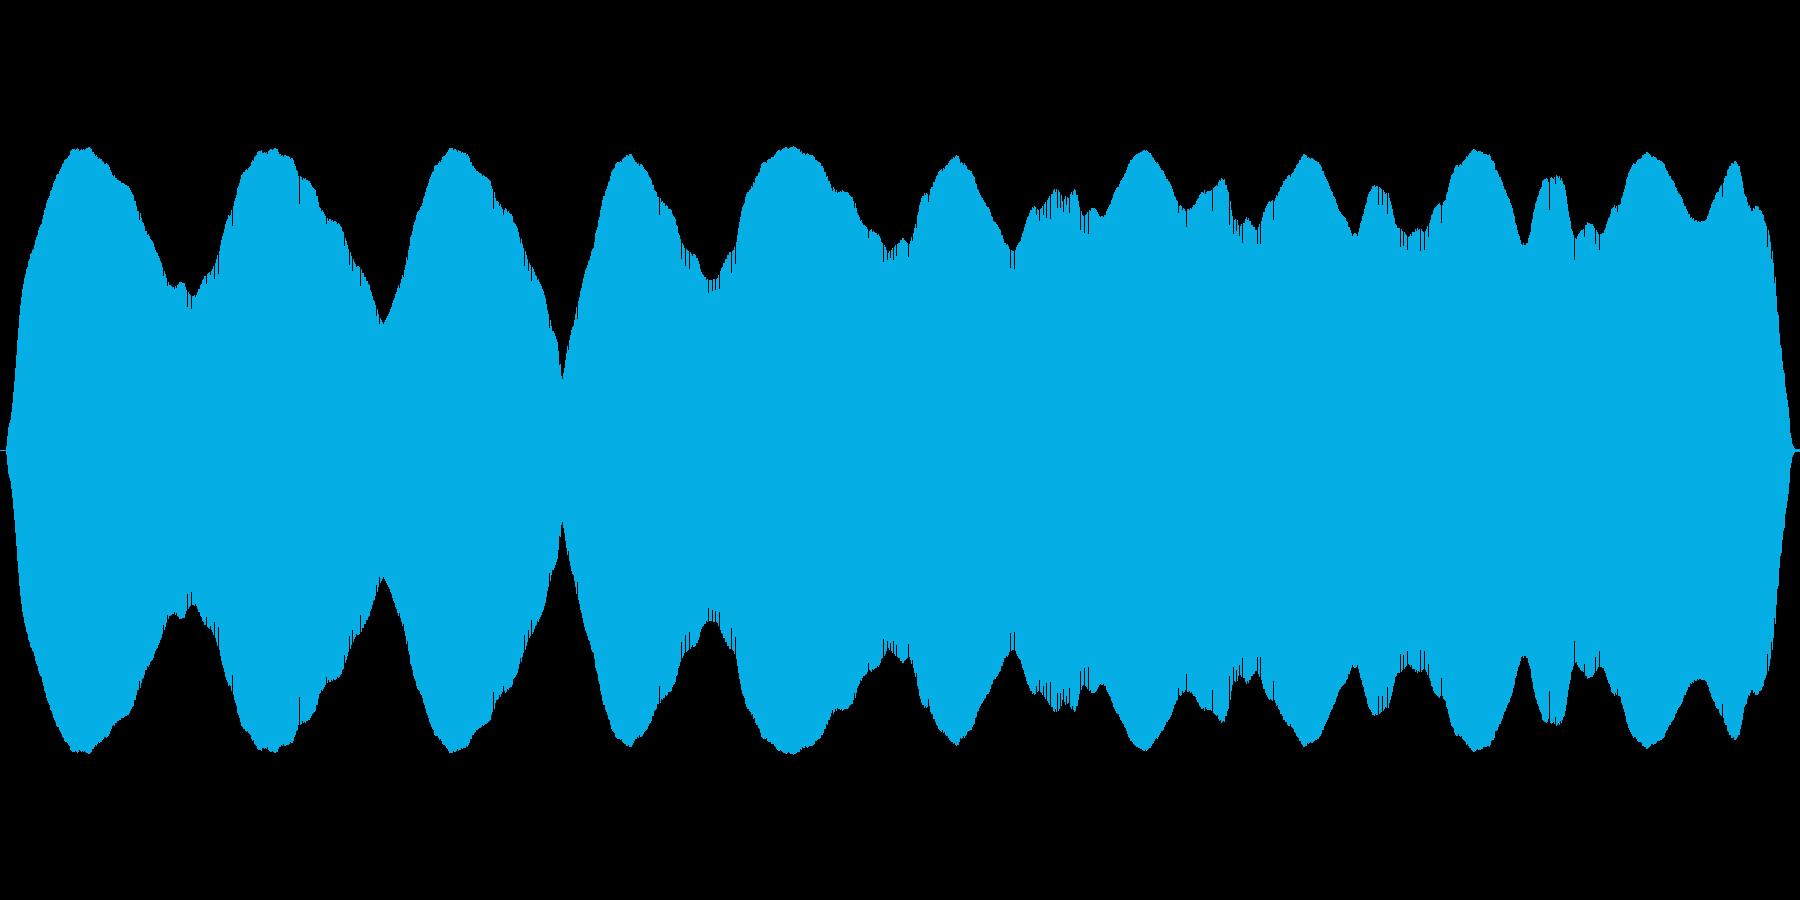 不安低音フオーンフオンフォンフンホーンの再生済みの波形